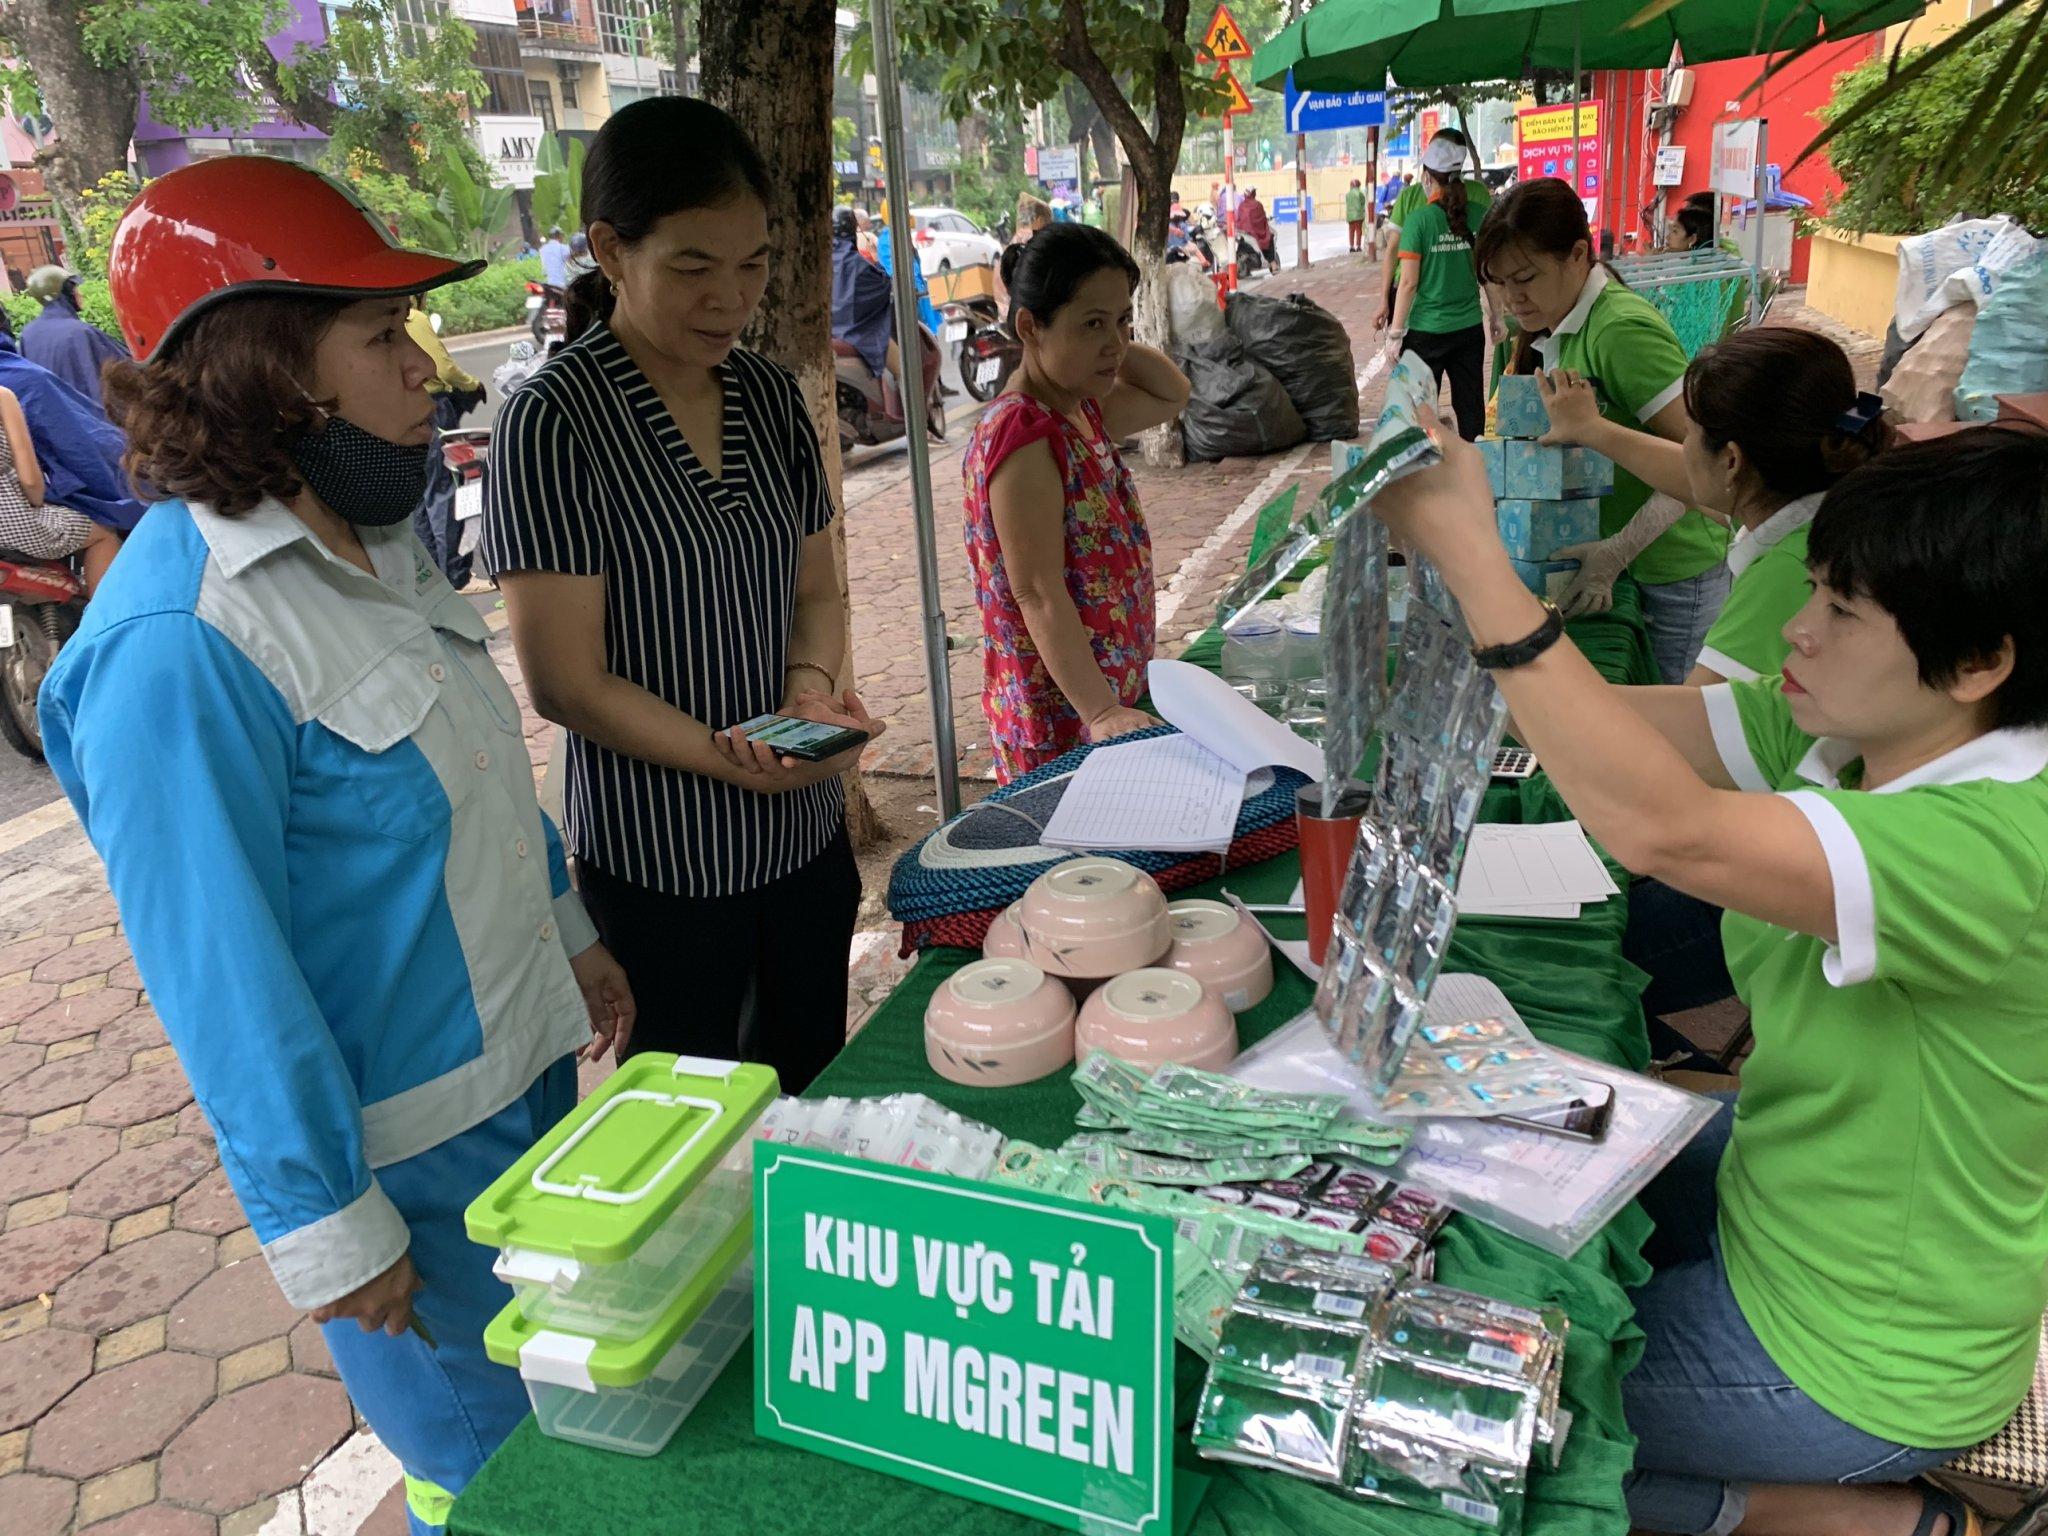 Người dân sử dụng App mGreen để tích điểm khối lượng rác tái chế và nhận quà tại các Điểm (GreenHub) cân rác đổi quà của mGreen tại Phường Lý Thái Tổ, quận Hoàng Kiếm